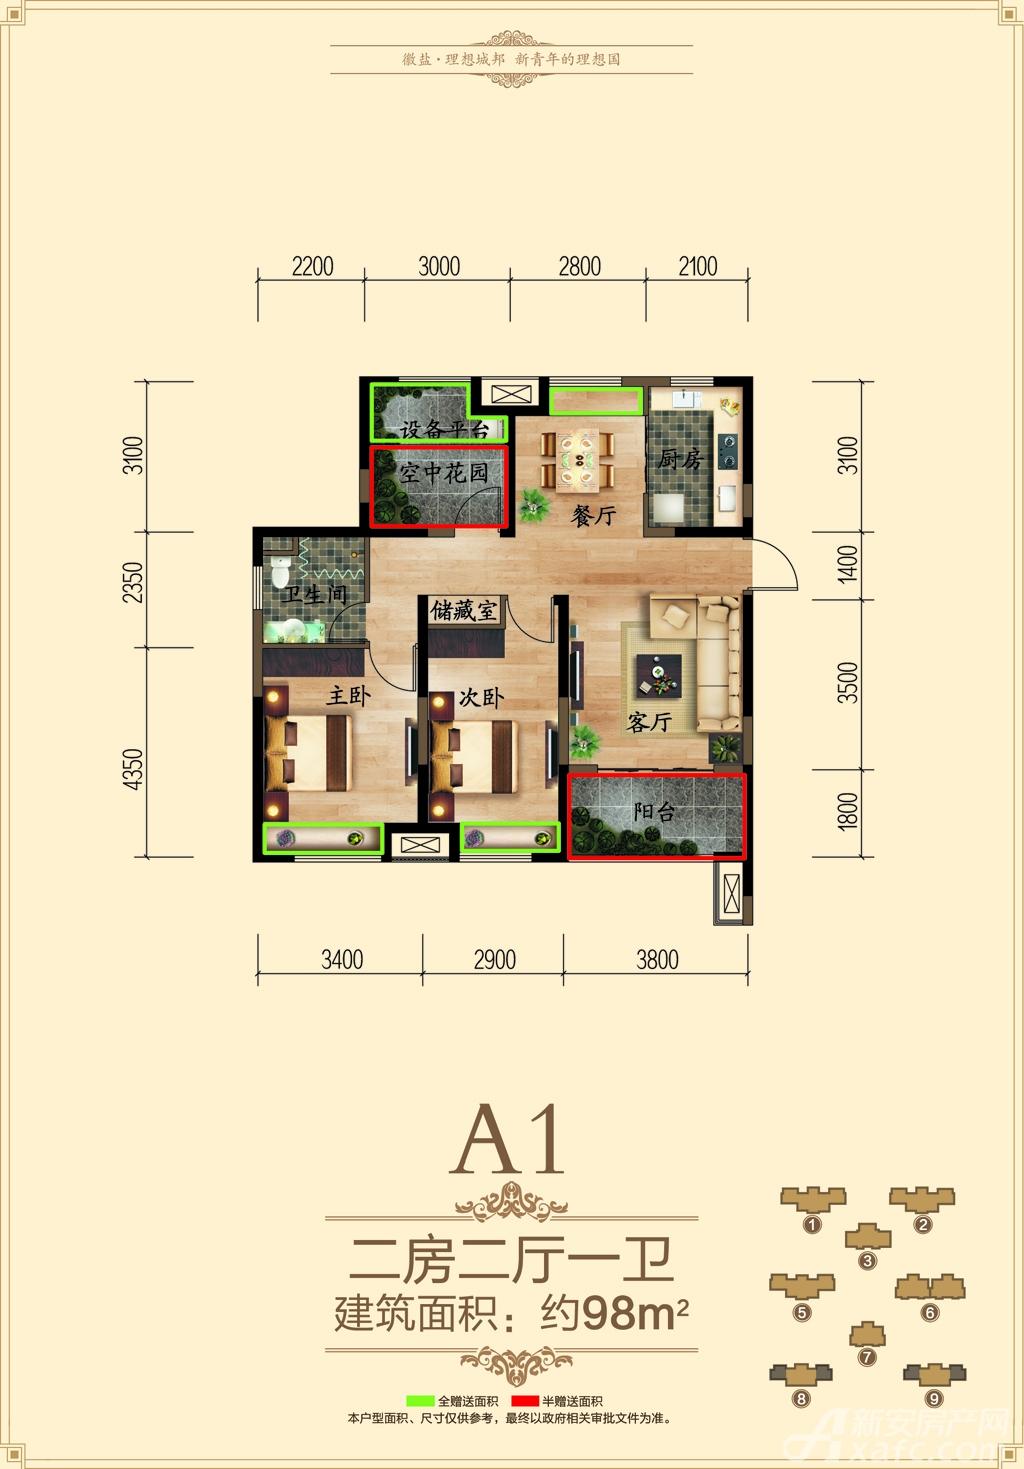 徽盐世纪广场A1户型2室2厅98平米